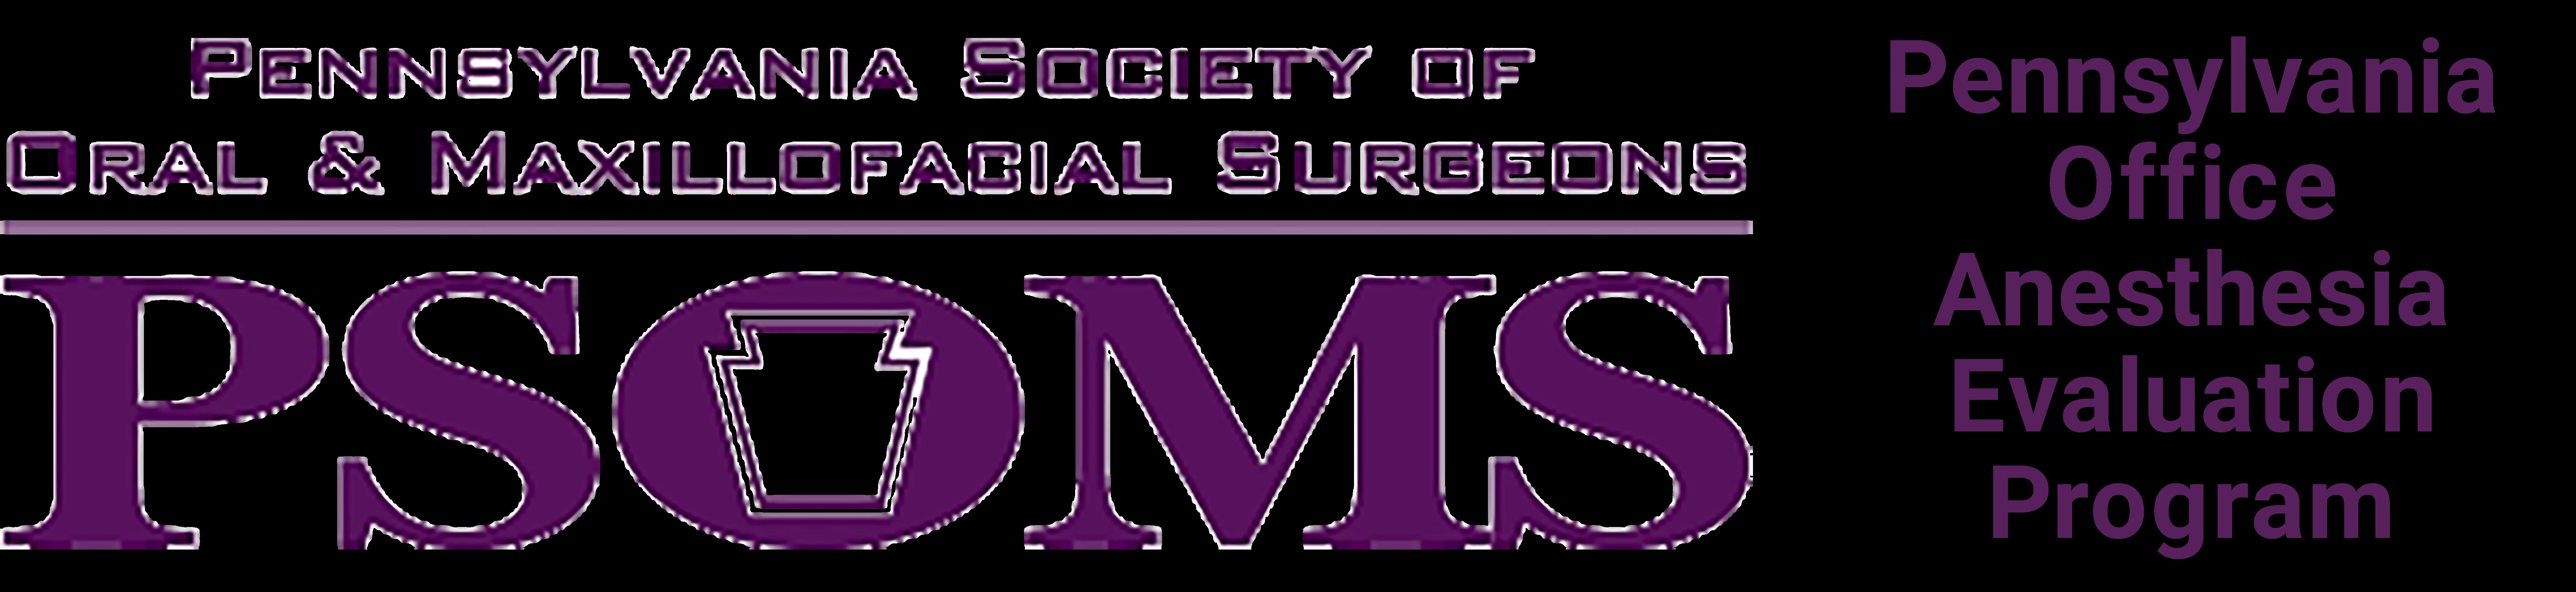 Pennsylvania Anesthesia Evaluation Program